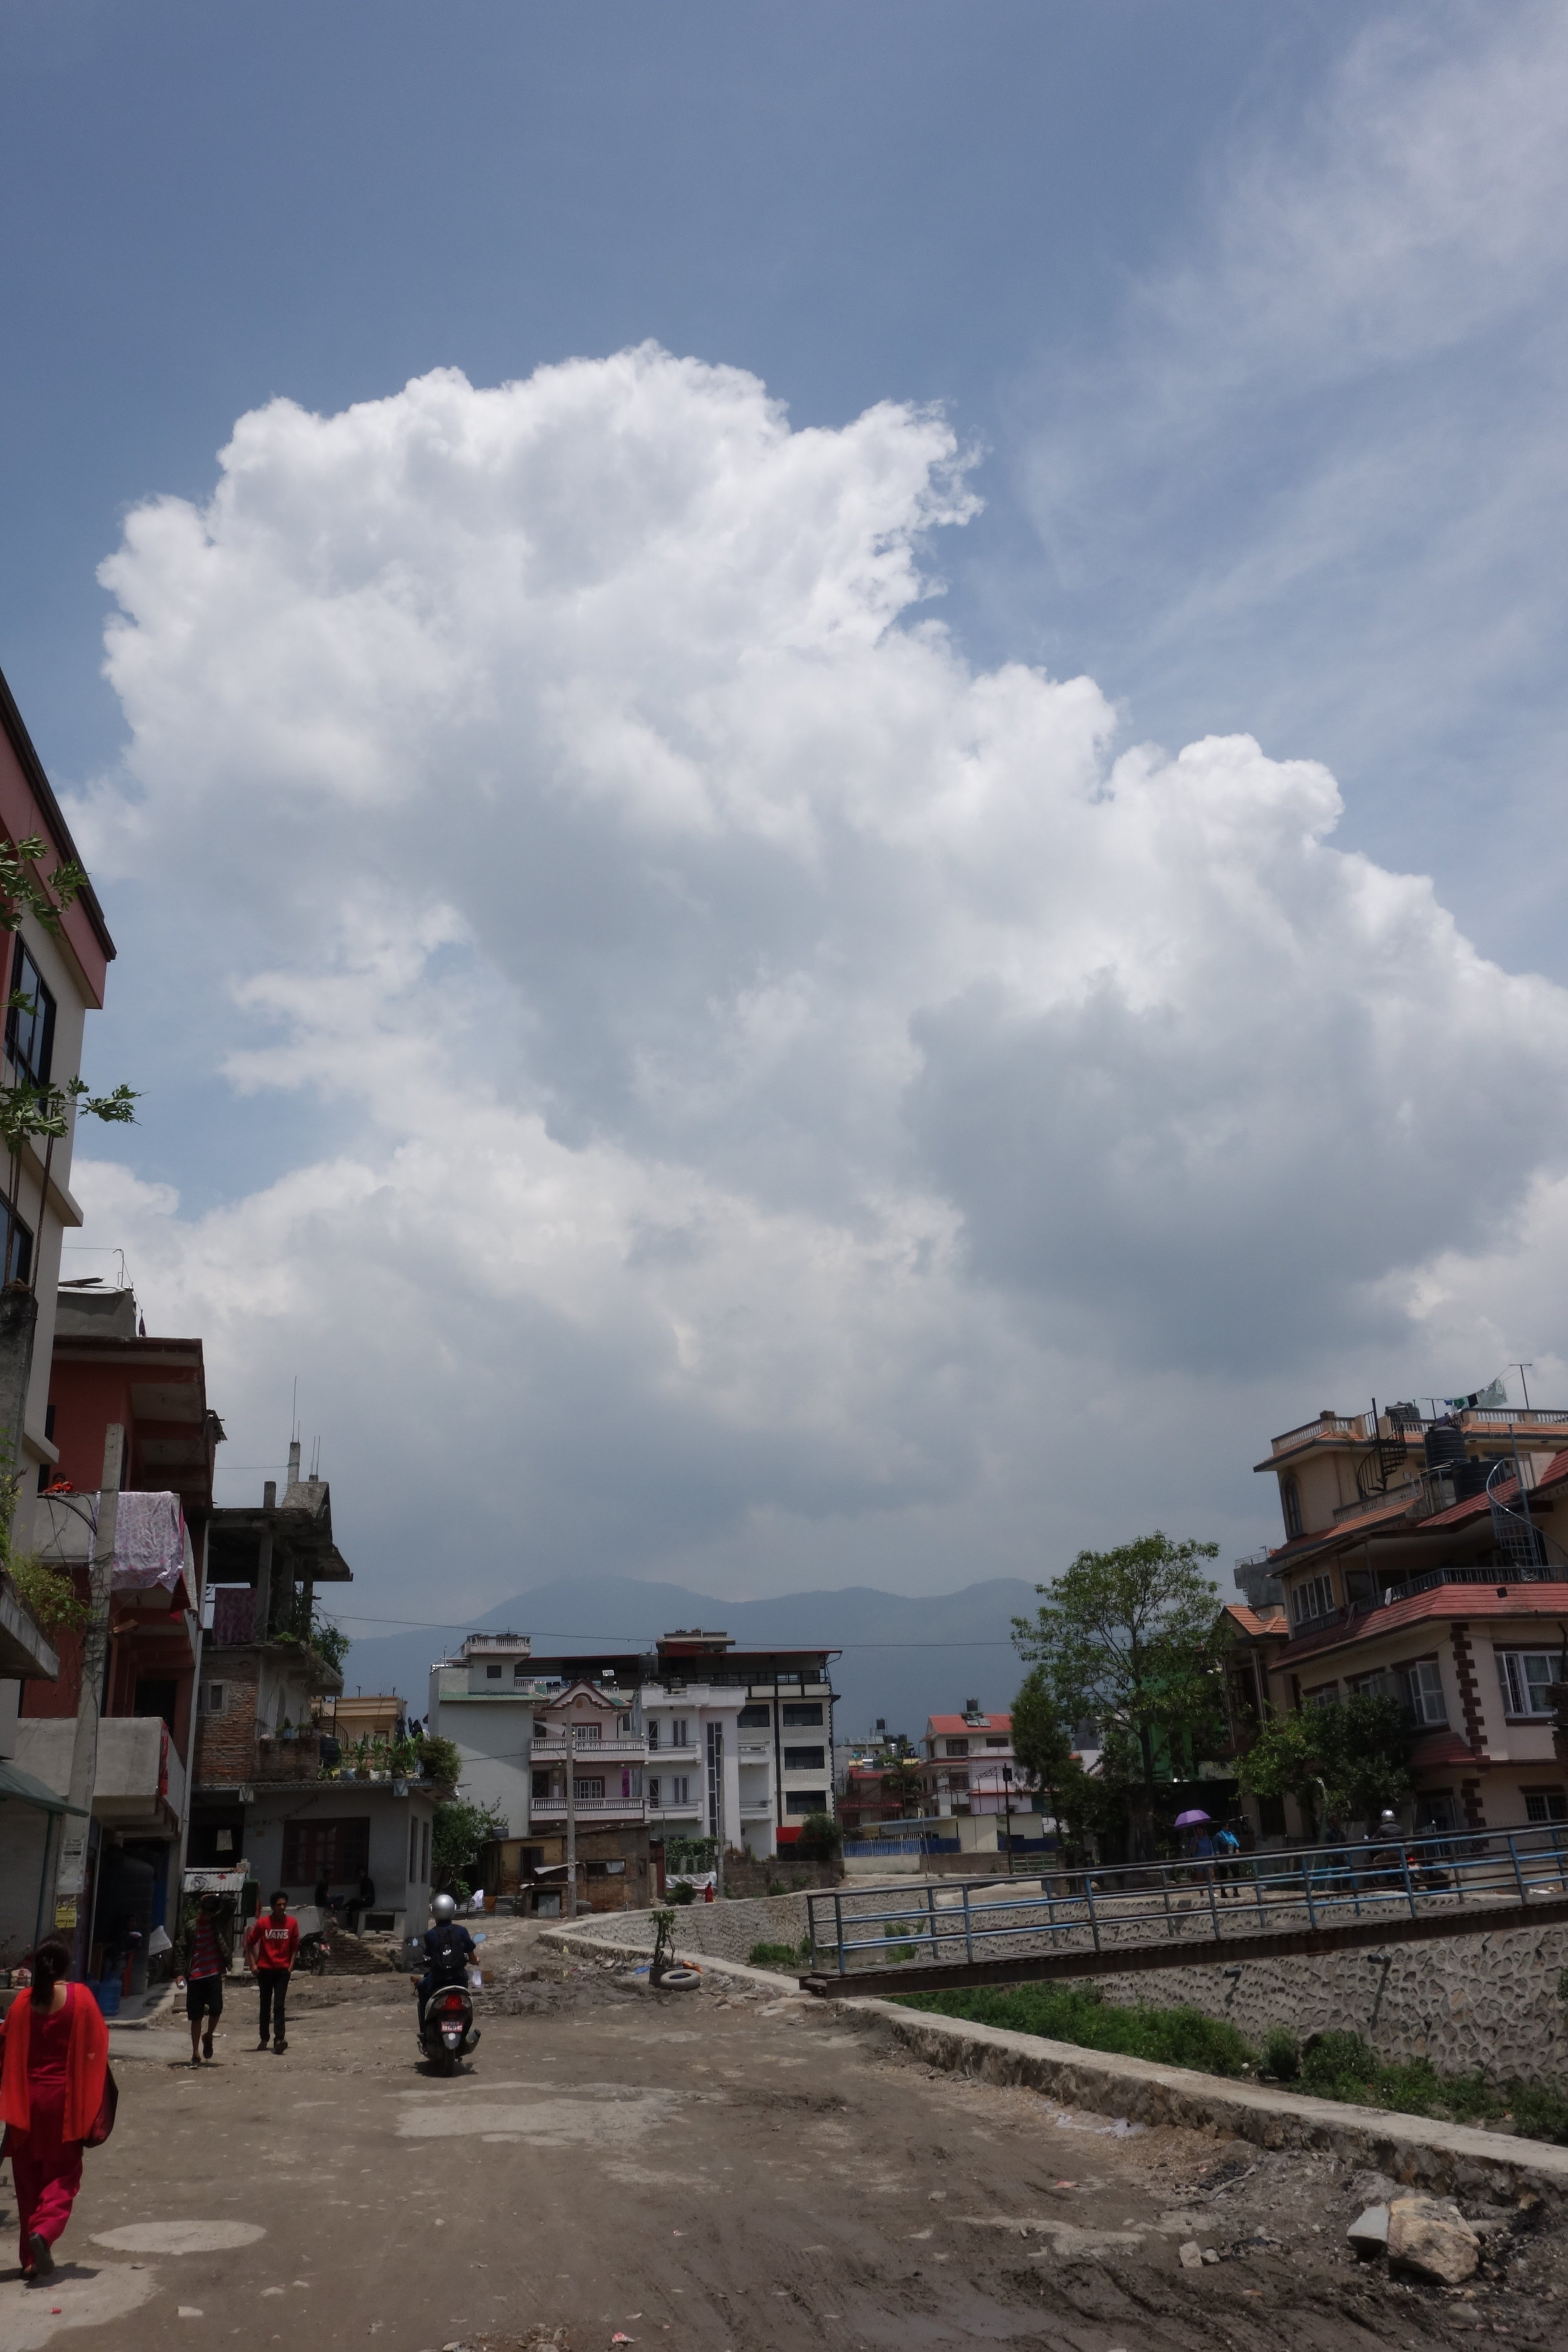 五月的雲   五月的尼泊爾是炙熱的天,雲來了在天空演出熱烈的戲,然後散場,嘩啦啦地下涼快的雨!